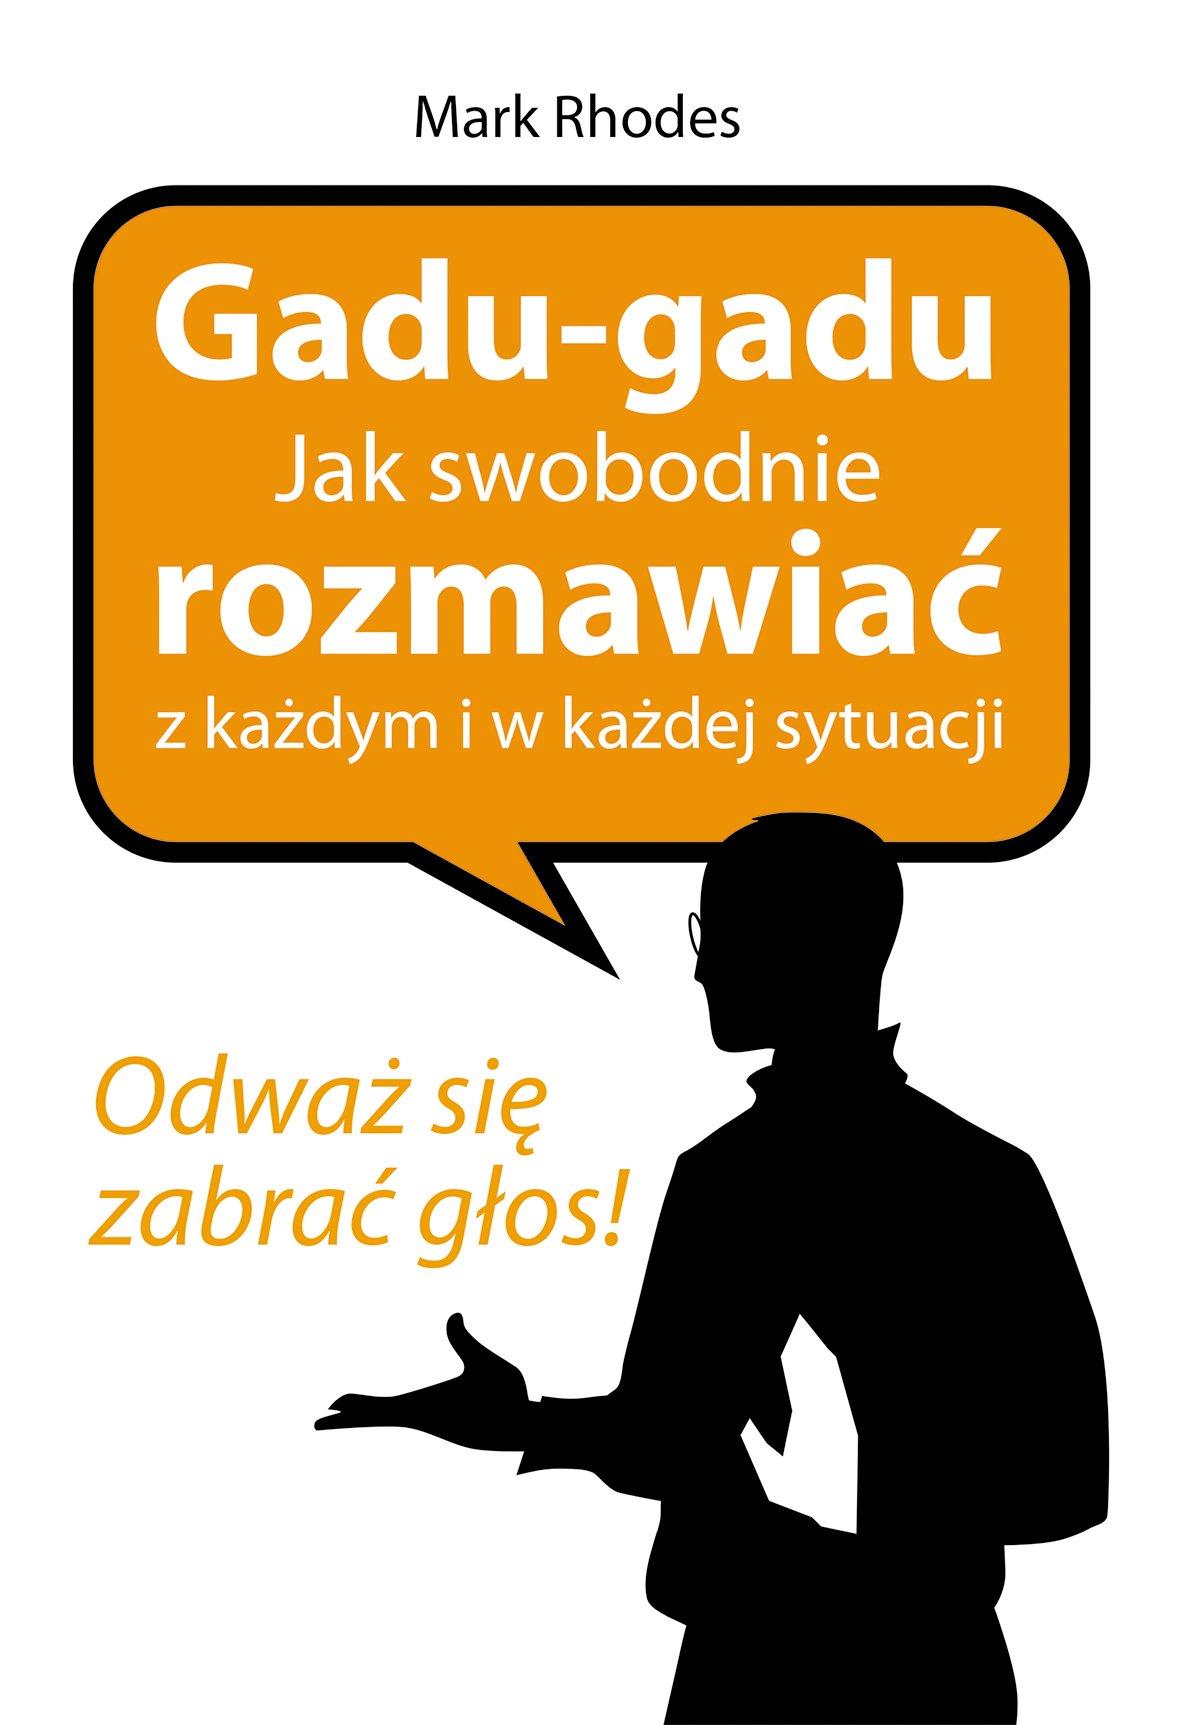 Gadu - gadu. Jak swobodnie rozmawiać z każdym i w każdej sytuacji - Ebook (Książka EPUB) do pobrania w formacie EPUB